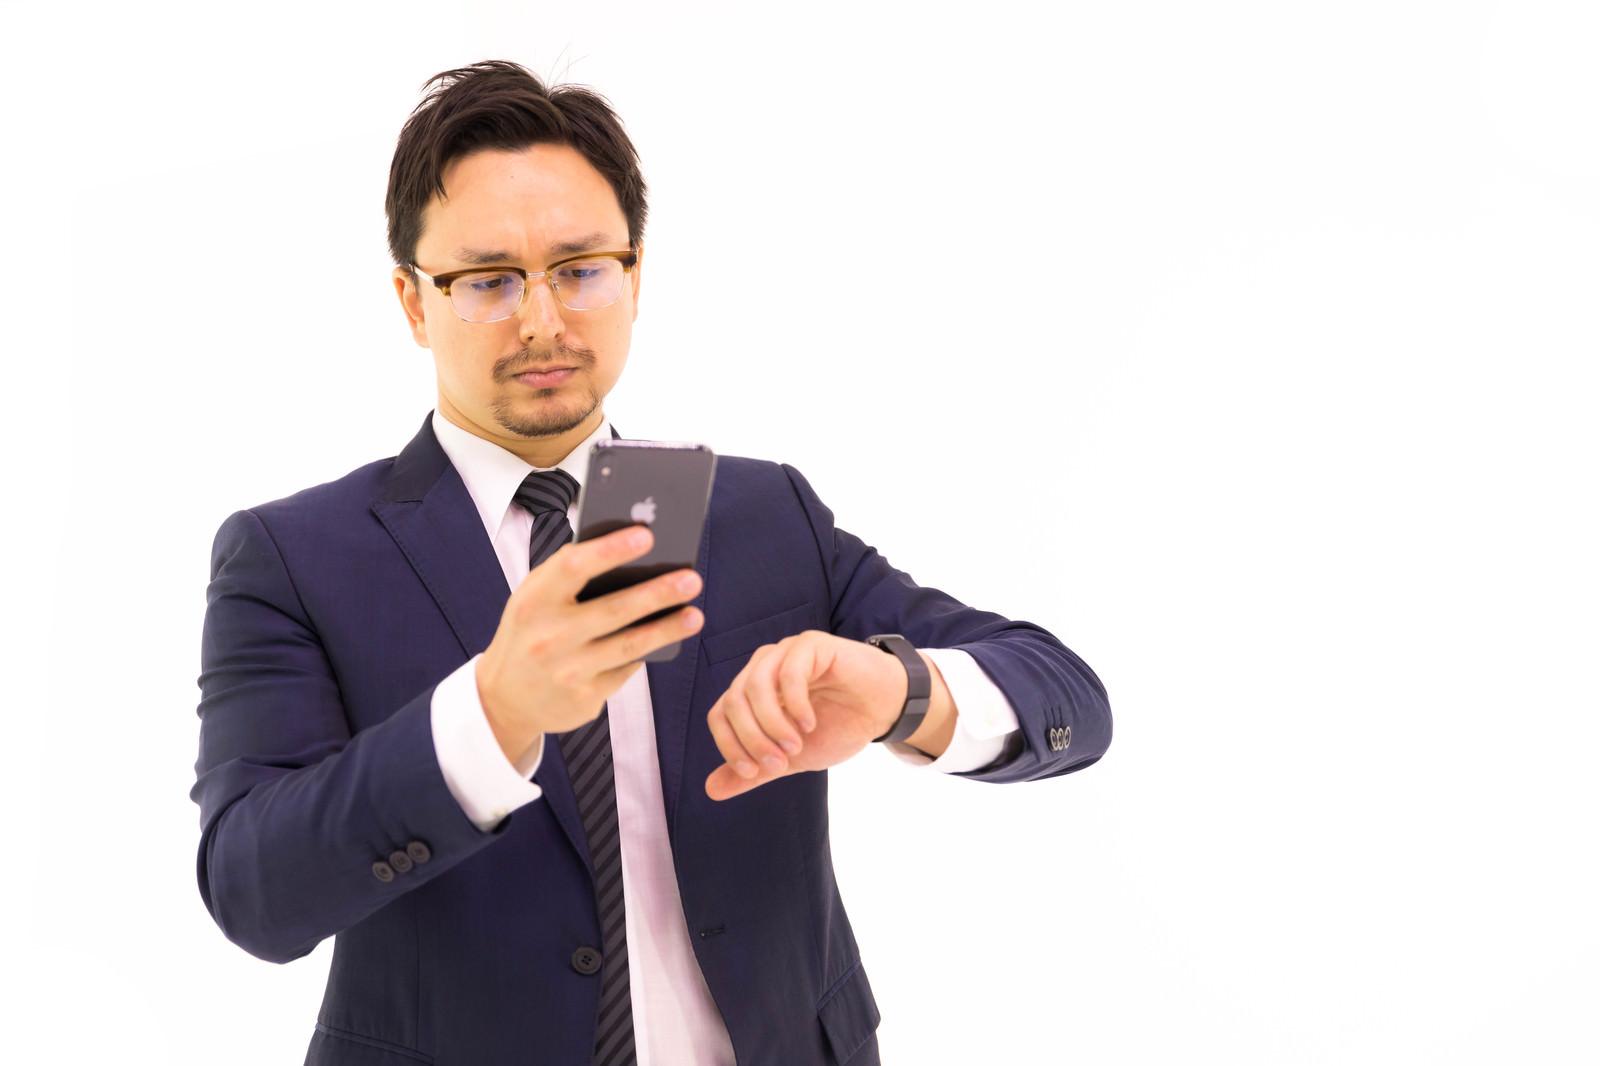 「最新のスマートウォッチとスマートフォンを使う意識高い系」の写真[モデル:Max_Ezaki]